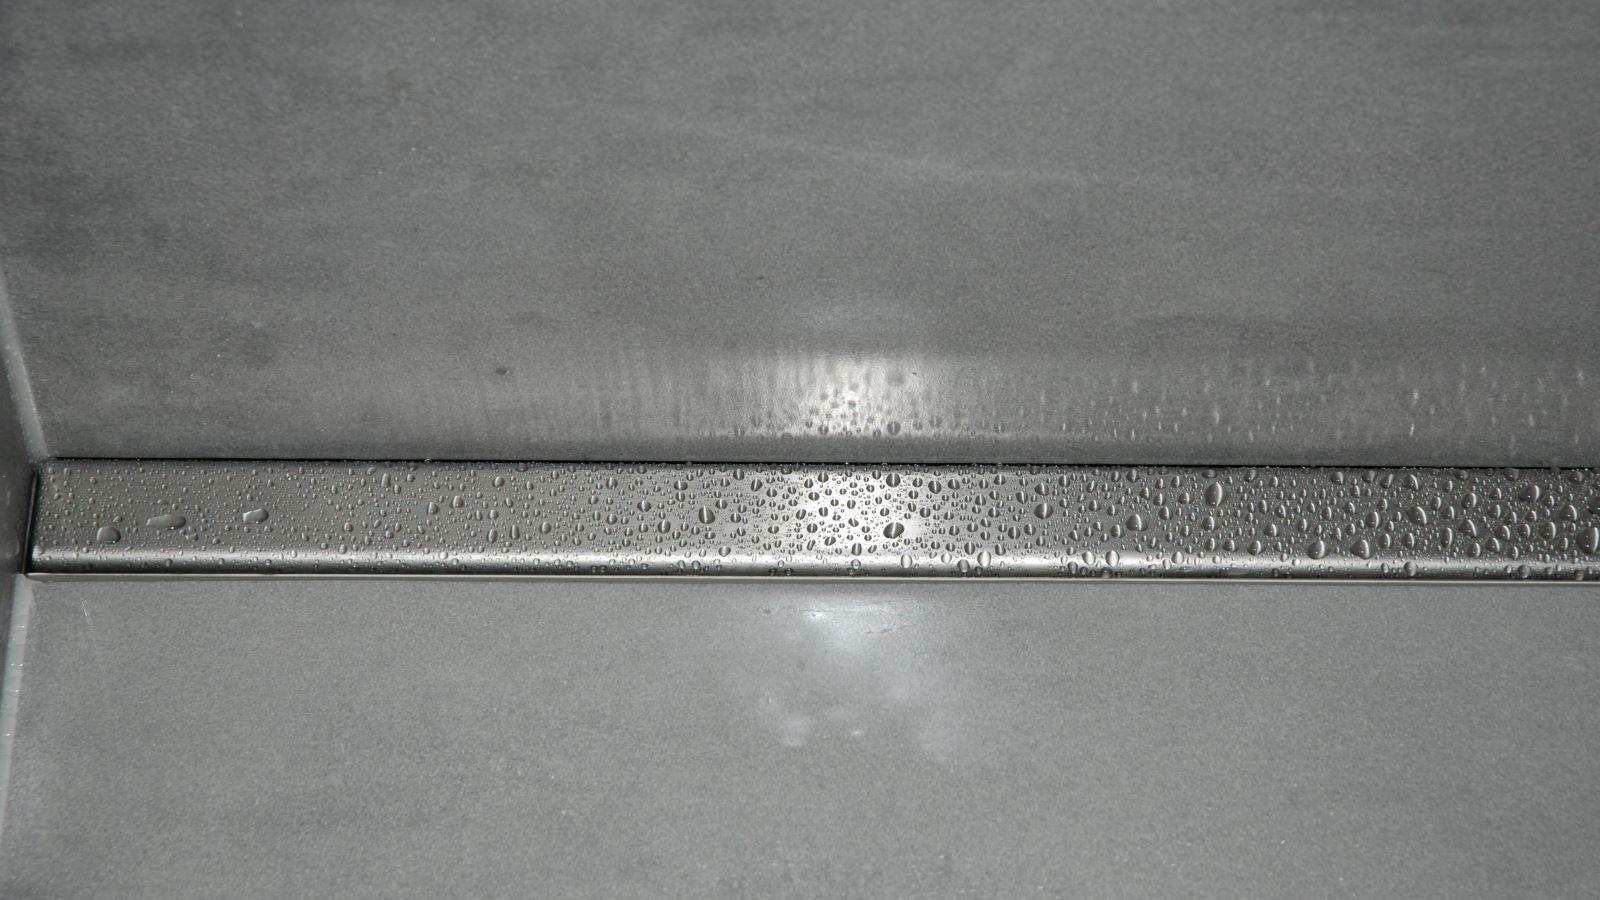 Im Bild sichtbar ist die nahansicht der wandbuendig eingebauten, cm-genauen massanfertigung der hochwertigen v4a edelstahl-duschrinne pro.  Unauffaellig eingebaut an der rueckseite der barrierefreien dusche unterstuezt sie die ruhige optik der pflegeleichten, ebenerdigen dusche. Die elegante abdeckung aus gebuerstetem v4a edelstahl der duschrinne pro und die grossflaechigen wand- und bodenfliesen bewirken eine moderne optik der pflegeleichten, barrierefreien dusche.